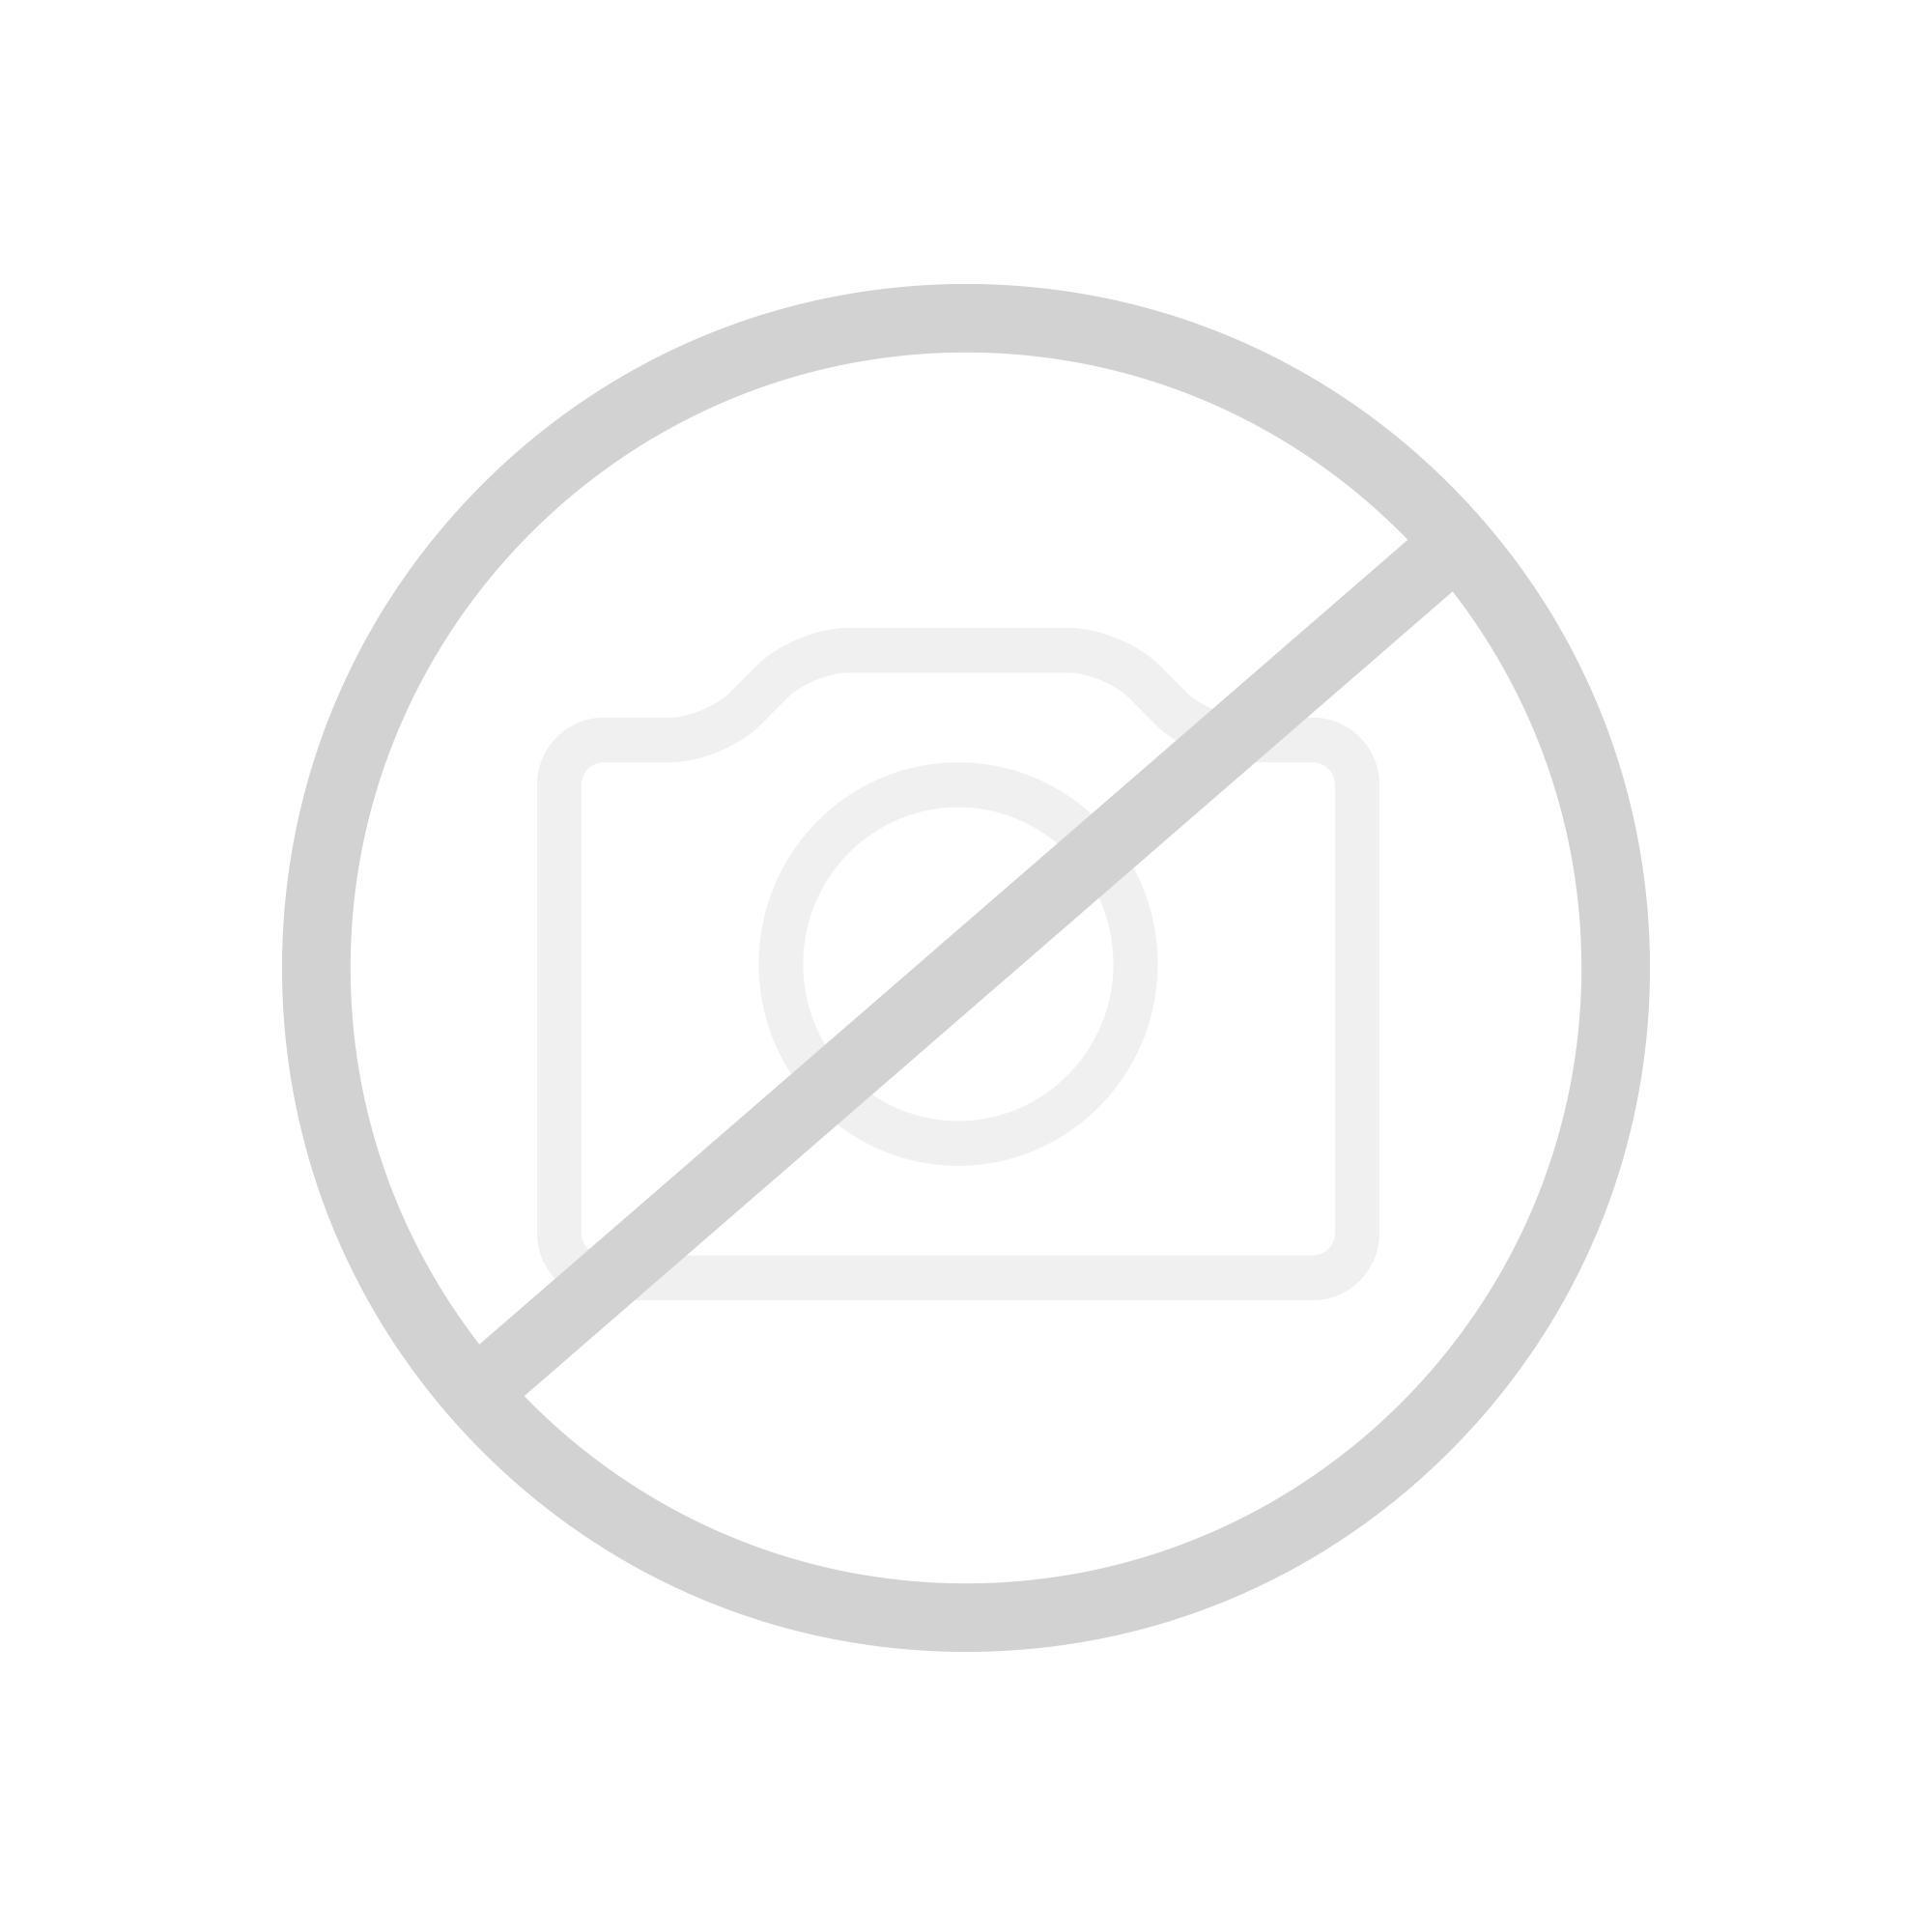 Herzbach NeoCastell Waschtisch-Unterputzbatterie